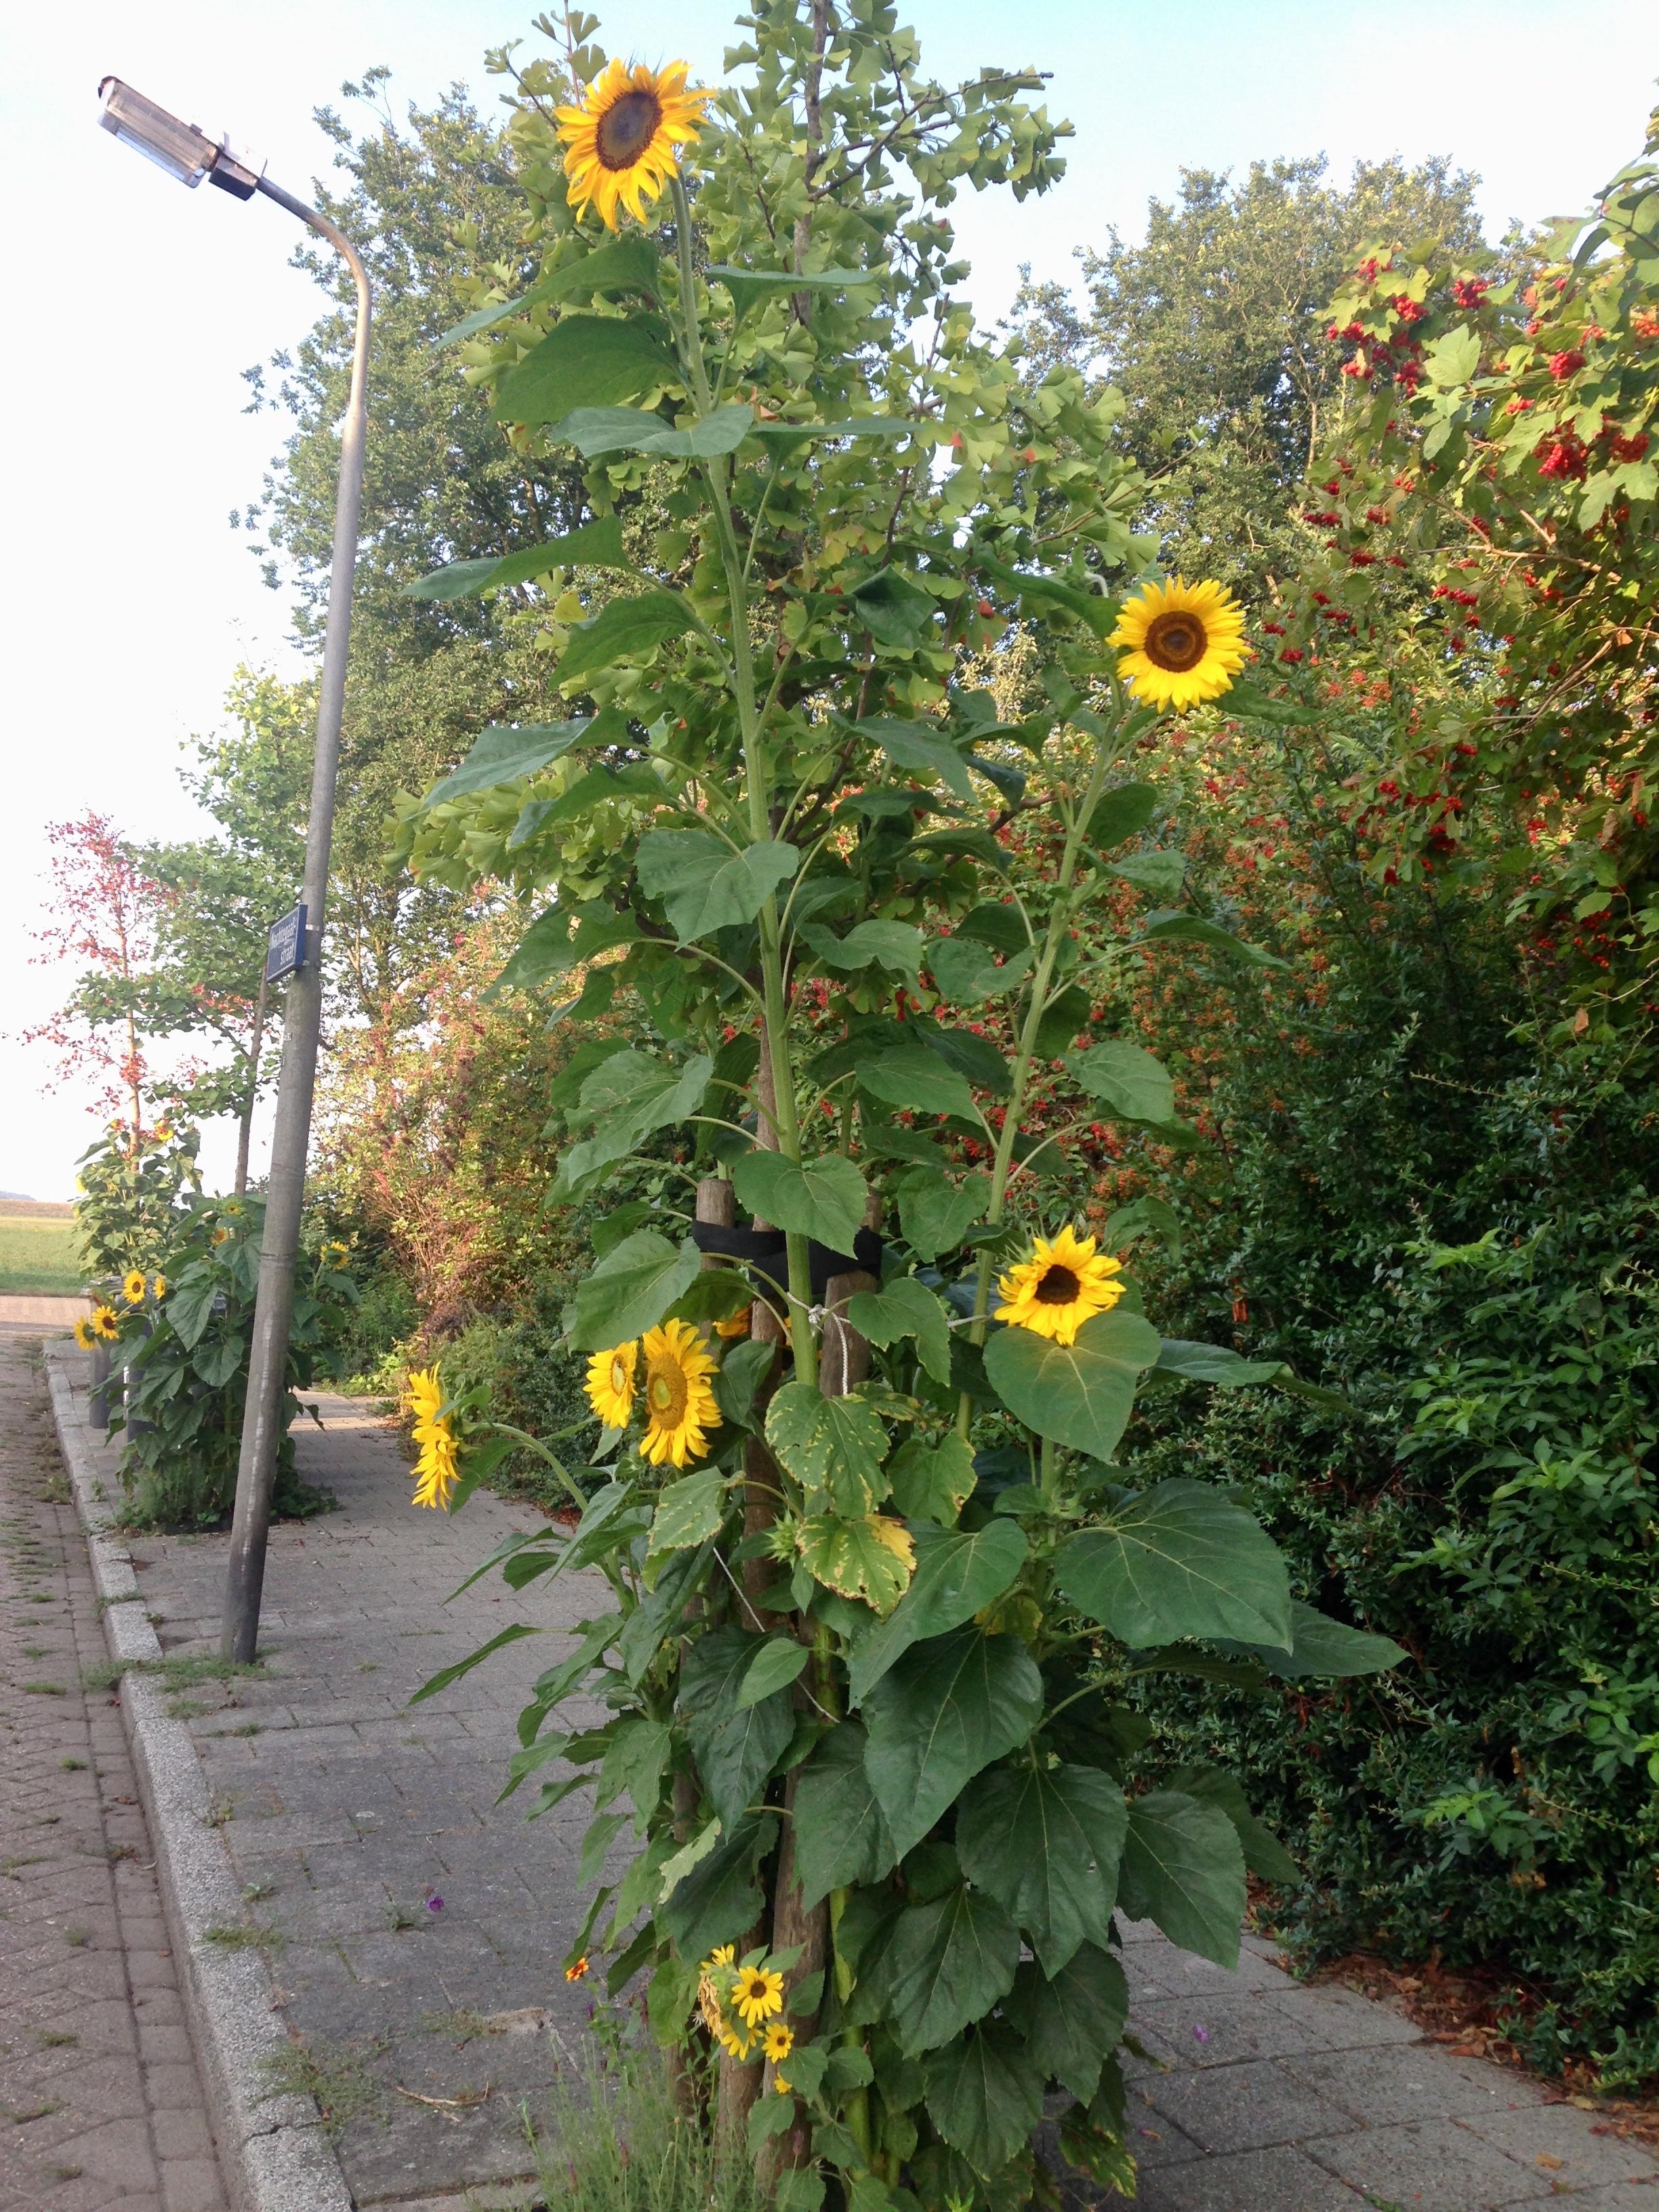 De zonnebloemen zijn naar explosieve hoogtes gegroeid. (Foto: Daniella Ernsting)